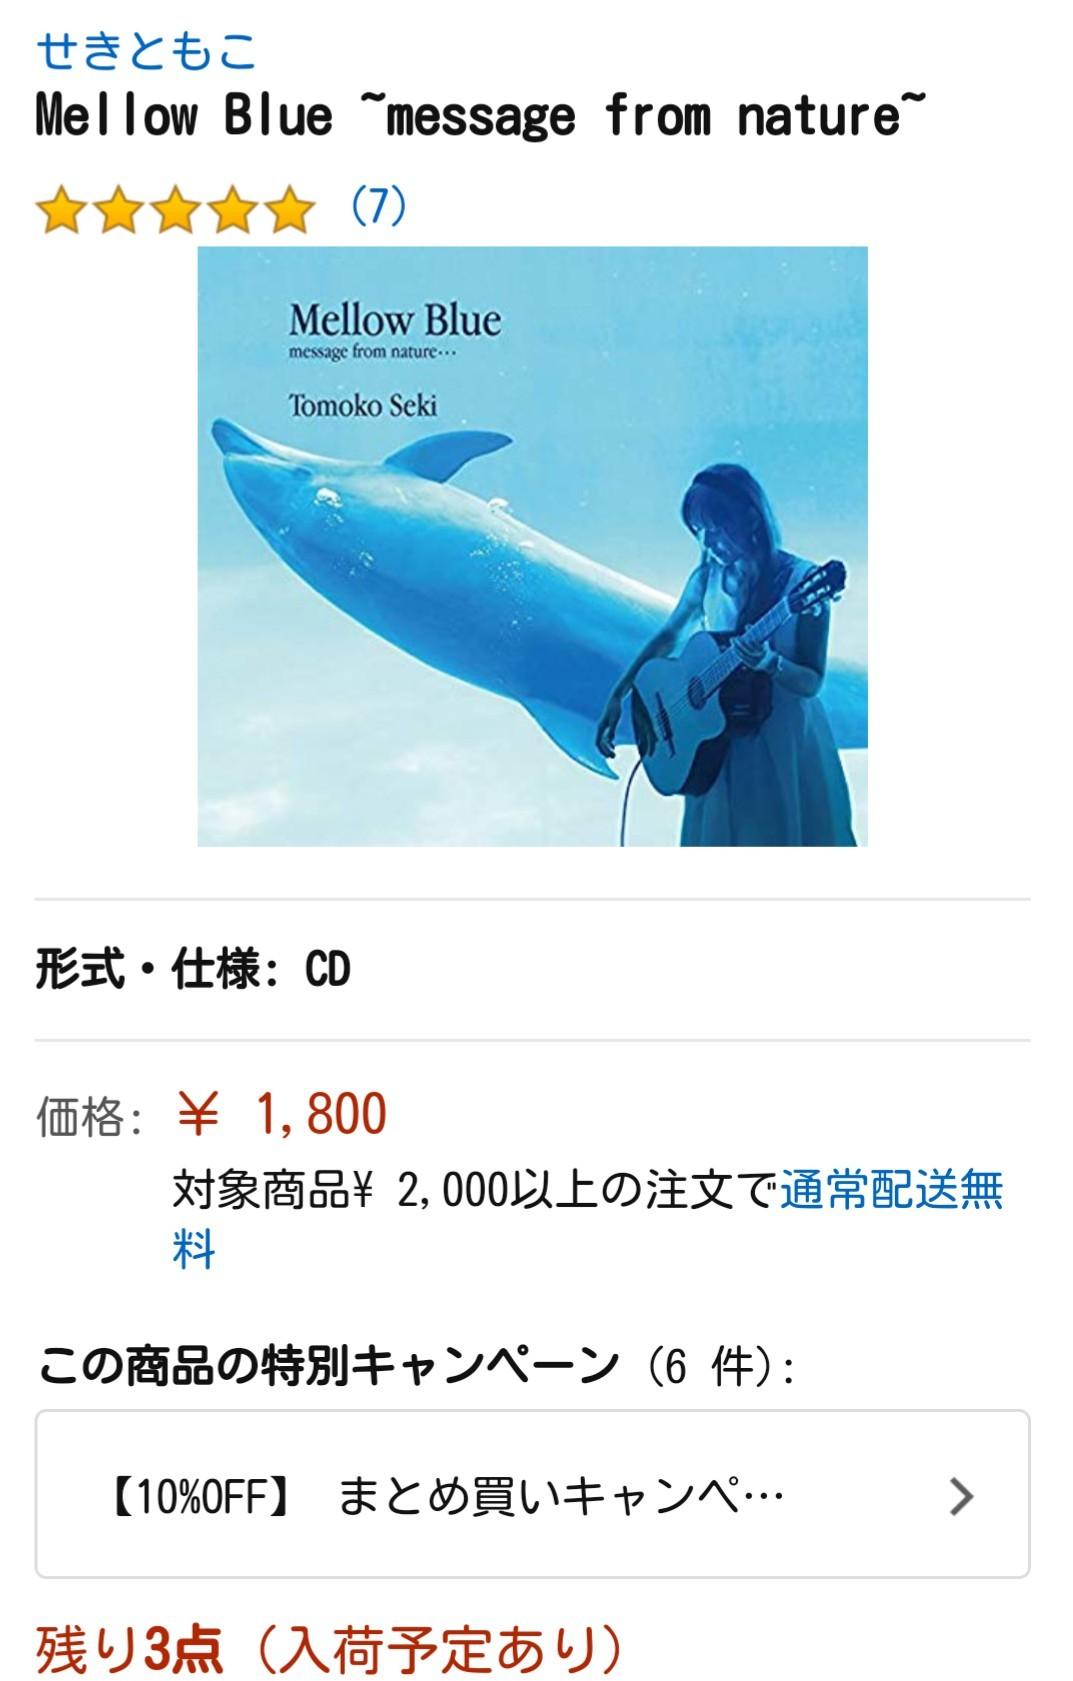 アマゾンでCD発売中!_f0373339_15132152.jpg